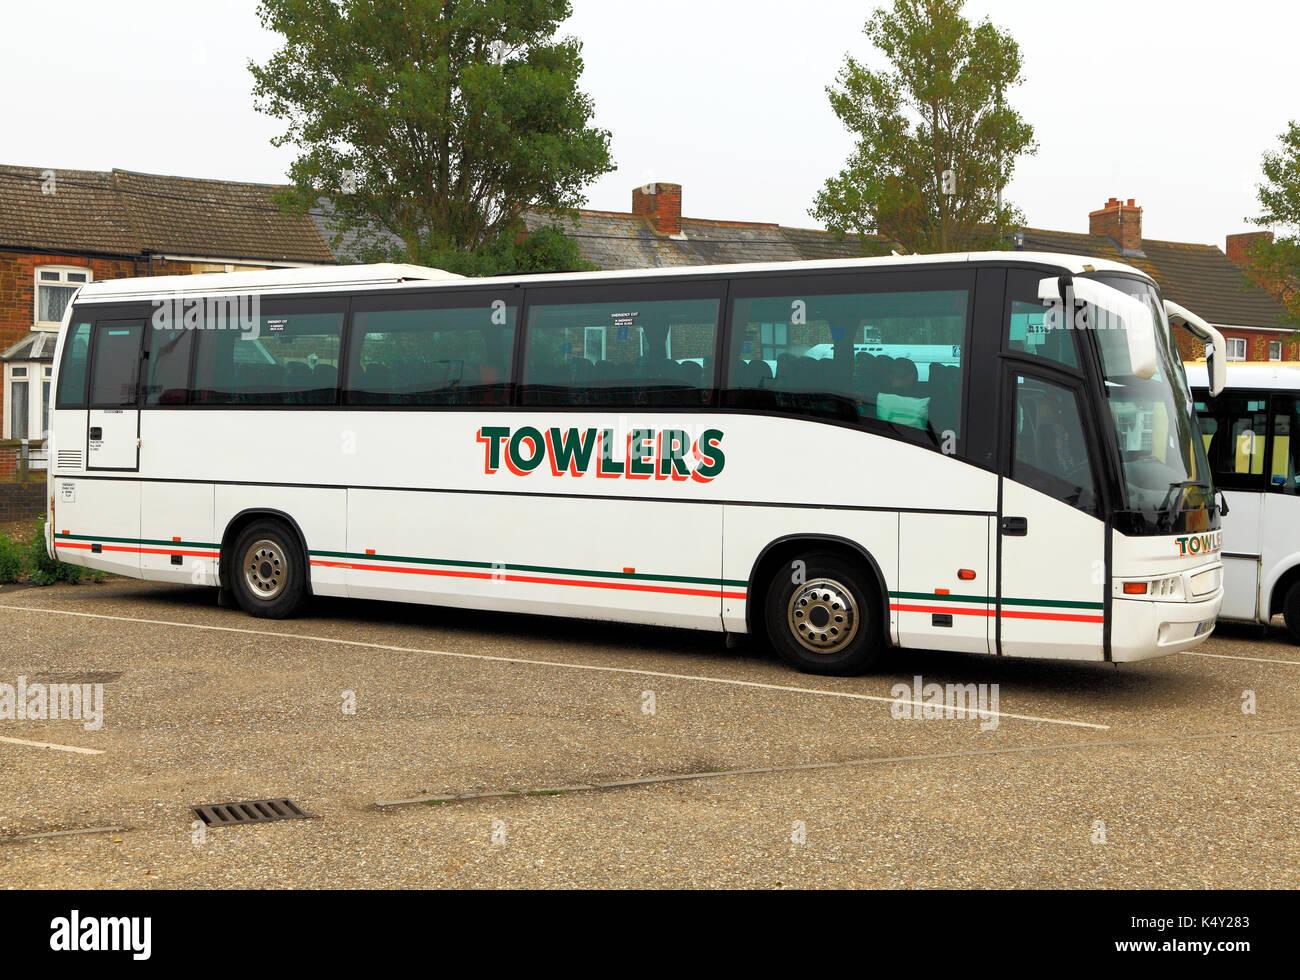 Towlers allenatori, pullman, gite di un giorno, viaggio, escursioni, escursione, società di viaggi, aziende, vacanza, vacanze, viaggi e trasporti, bus, England, Regno Unito Immagini Stock